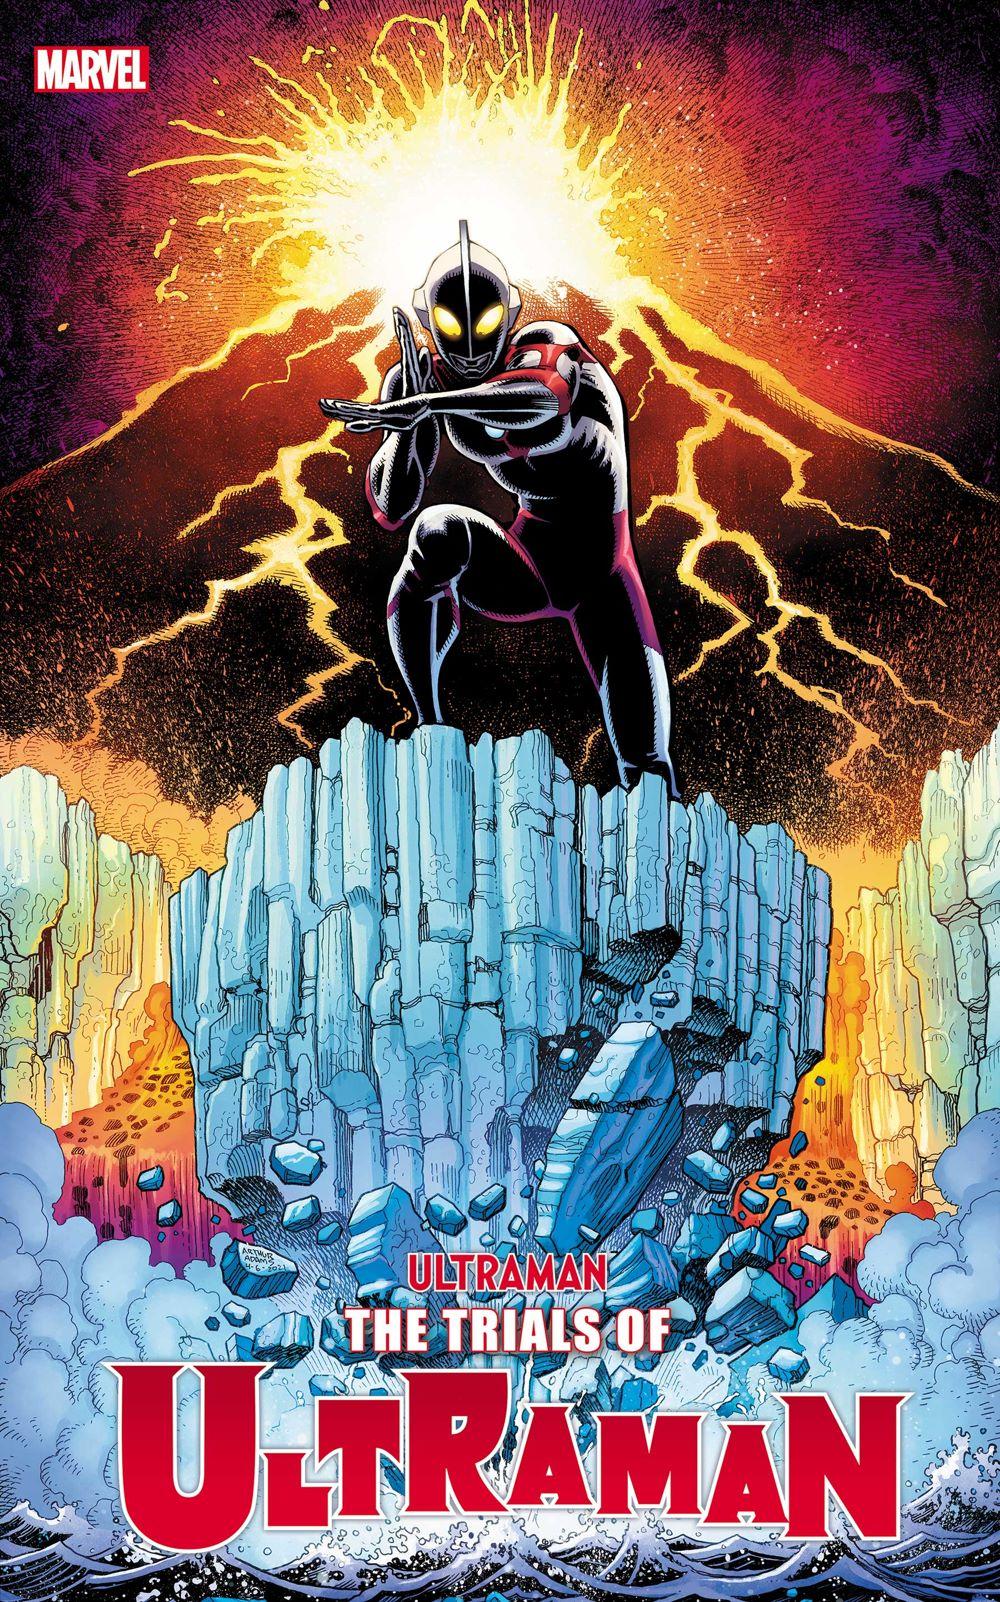 ULTRAMANTRIALS2021005_Cov Marvel Comics August 2021 Solicitations